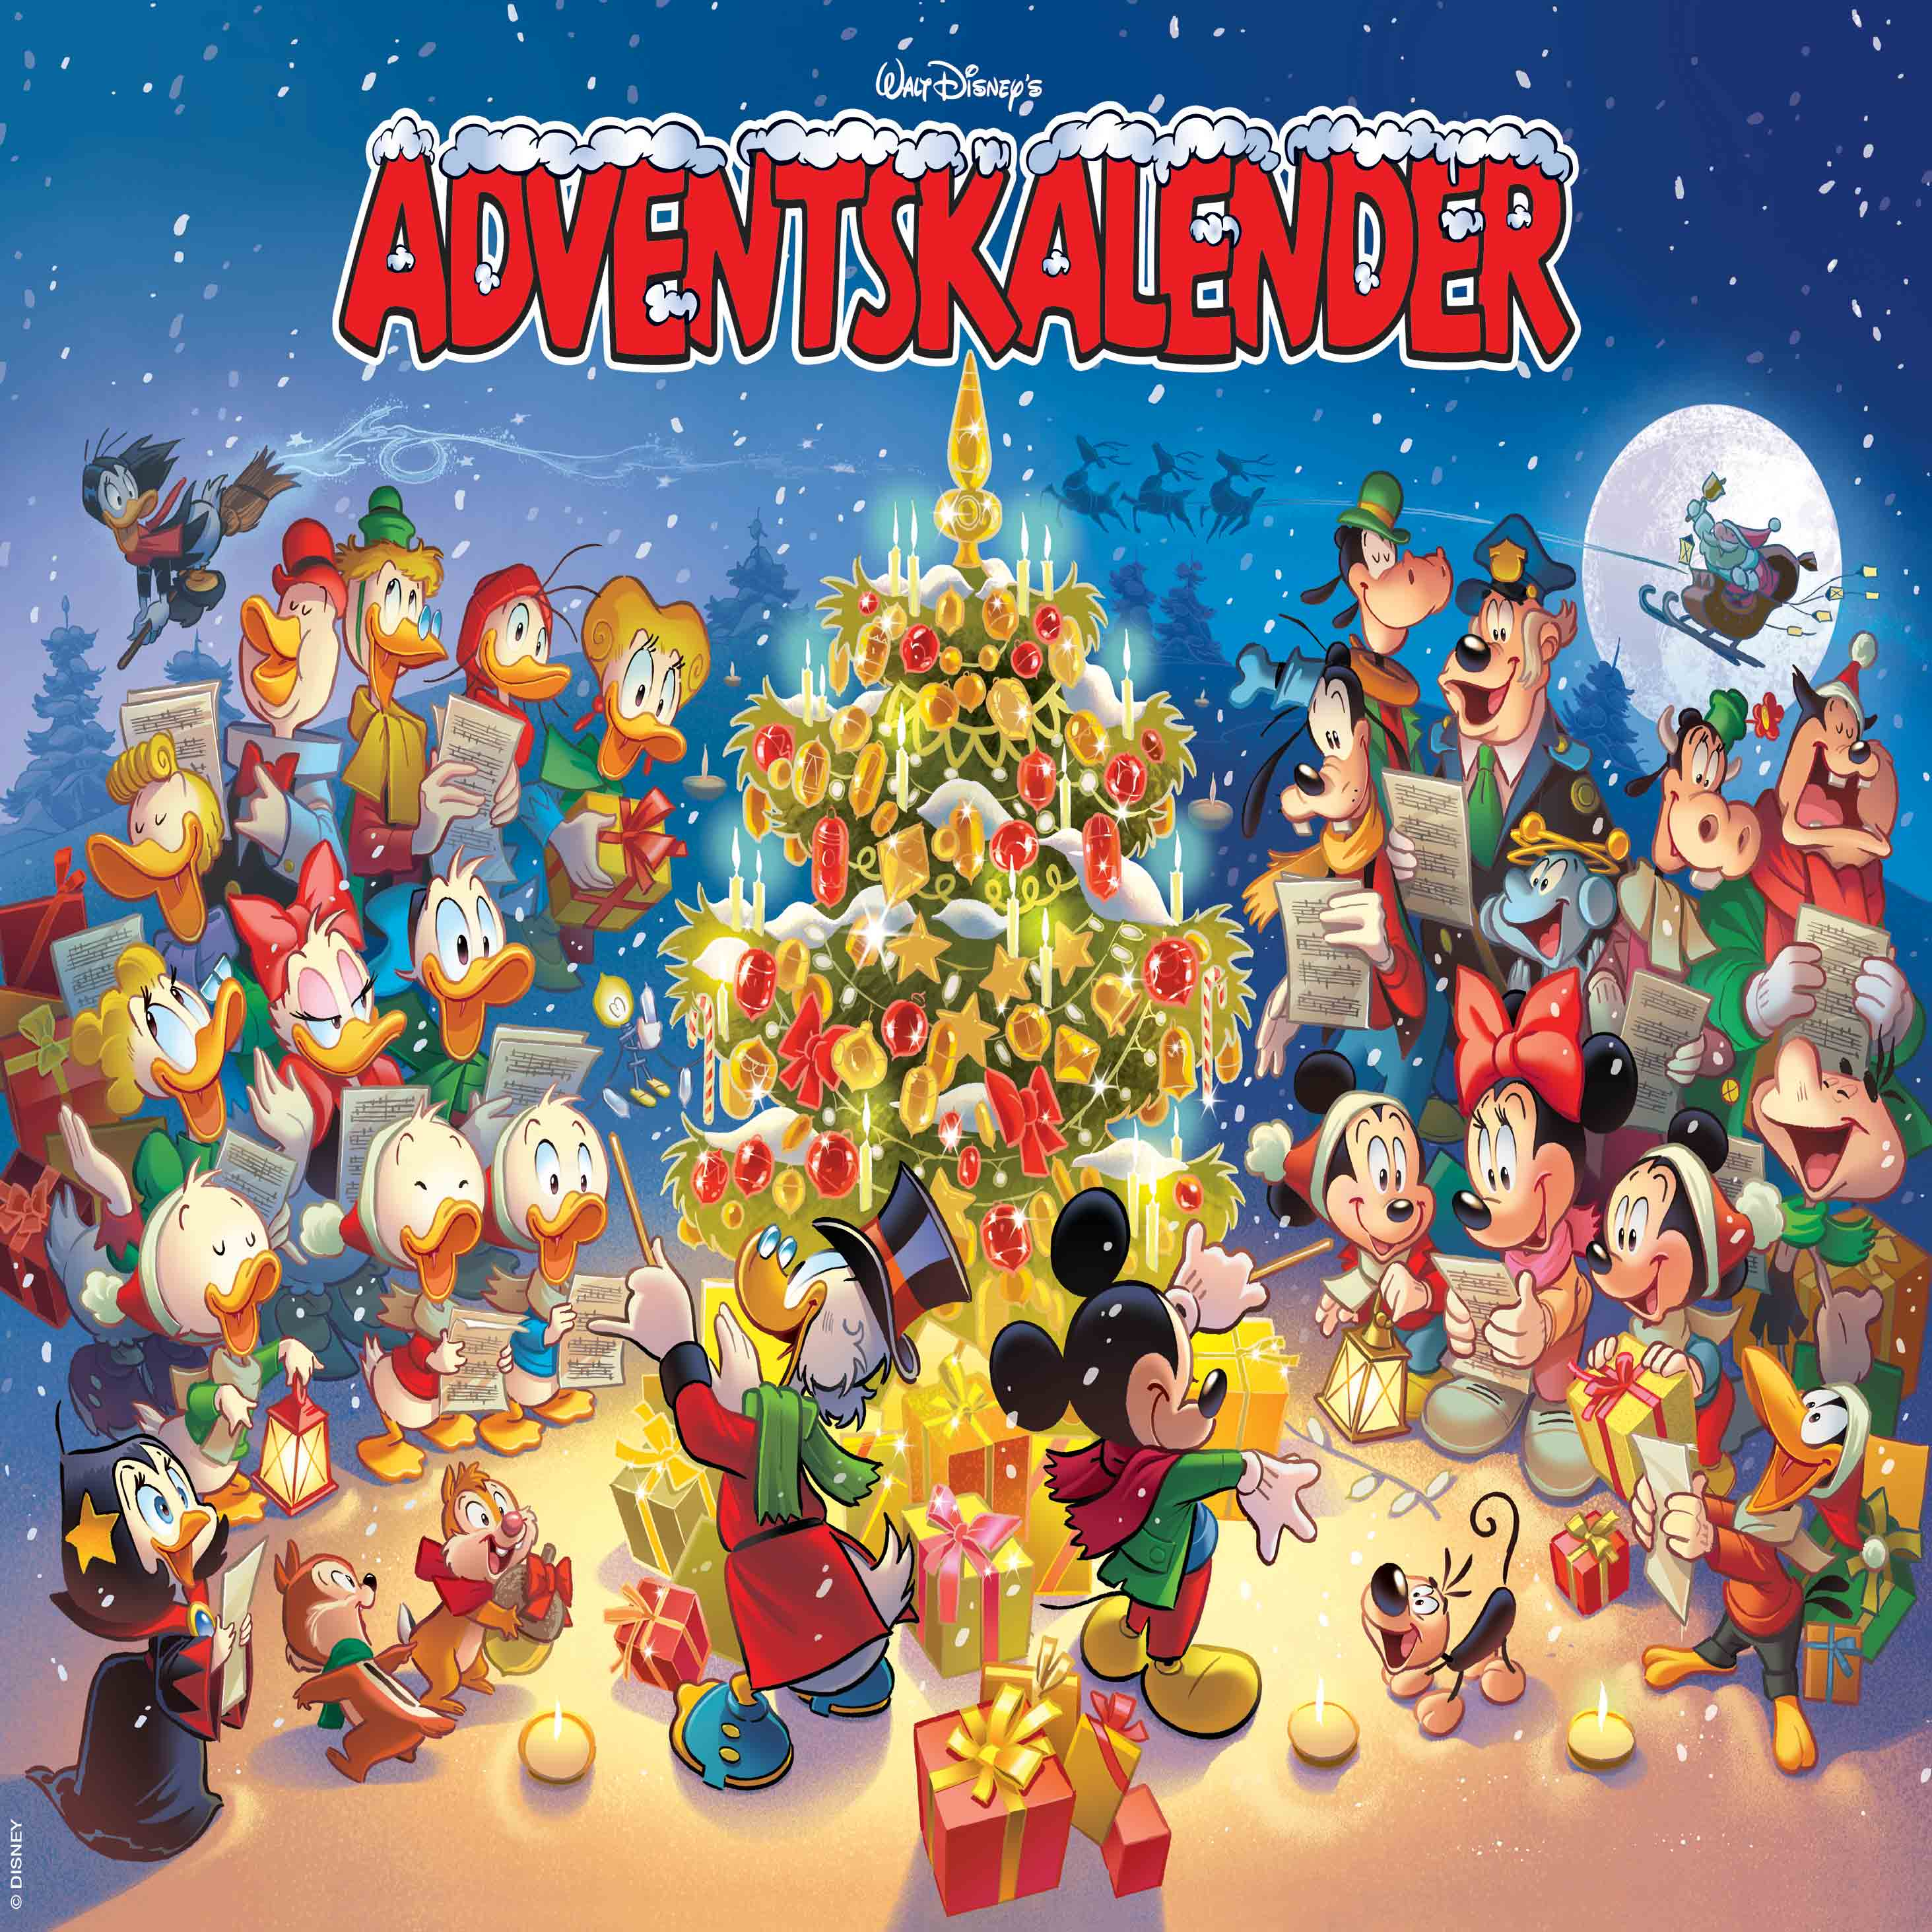 Walt Disney's Adventskalender - Disney - Bøger - Egmont Publishing A/S - 9788793840249 - 5/10-2020